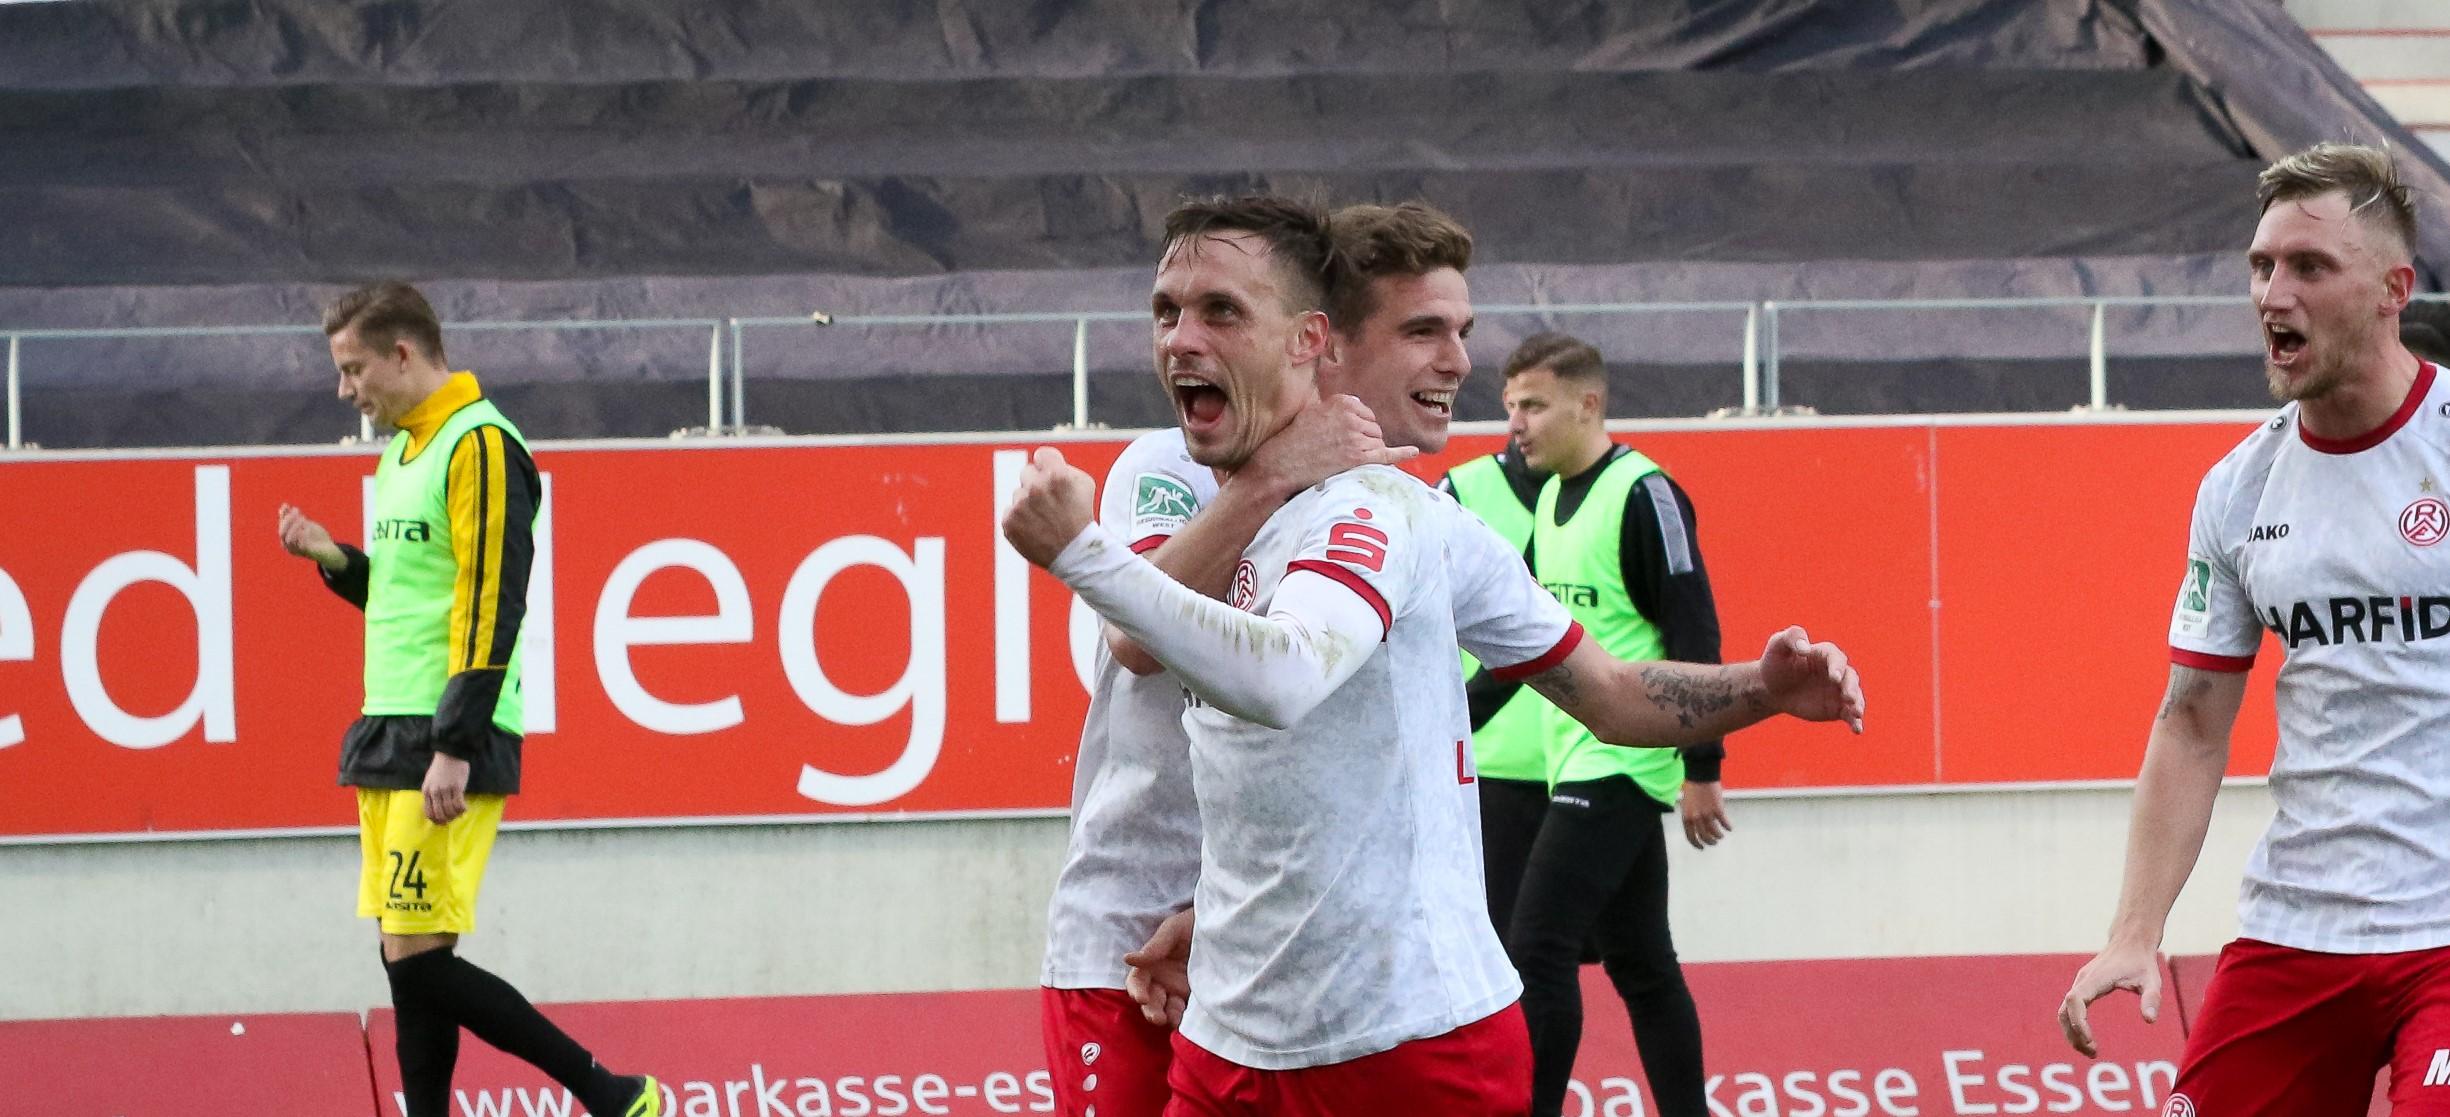 Nach zusammengerechnet 18 RWE-Jahren: Gegen den 1. FC Bocholt werden Kevin Grund und Marcel Platzek an der Hafenstraße verabschiedet. (Foto: Endberg)